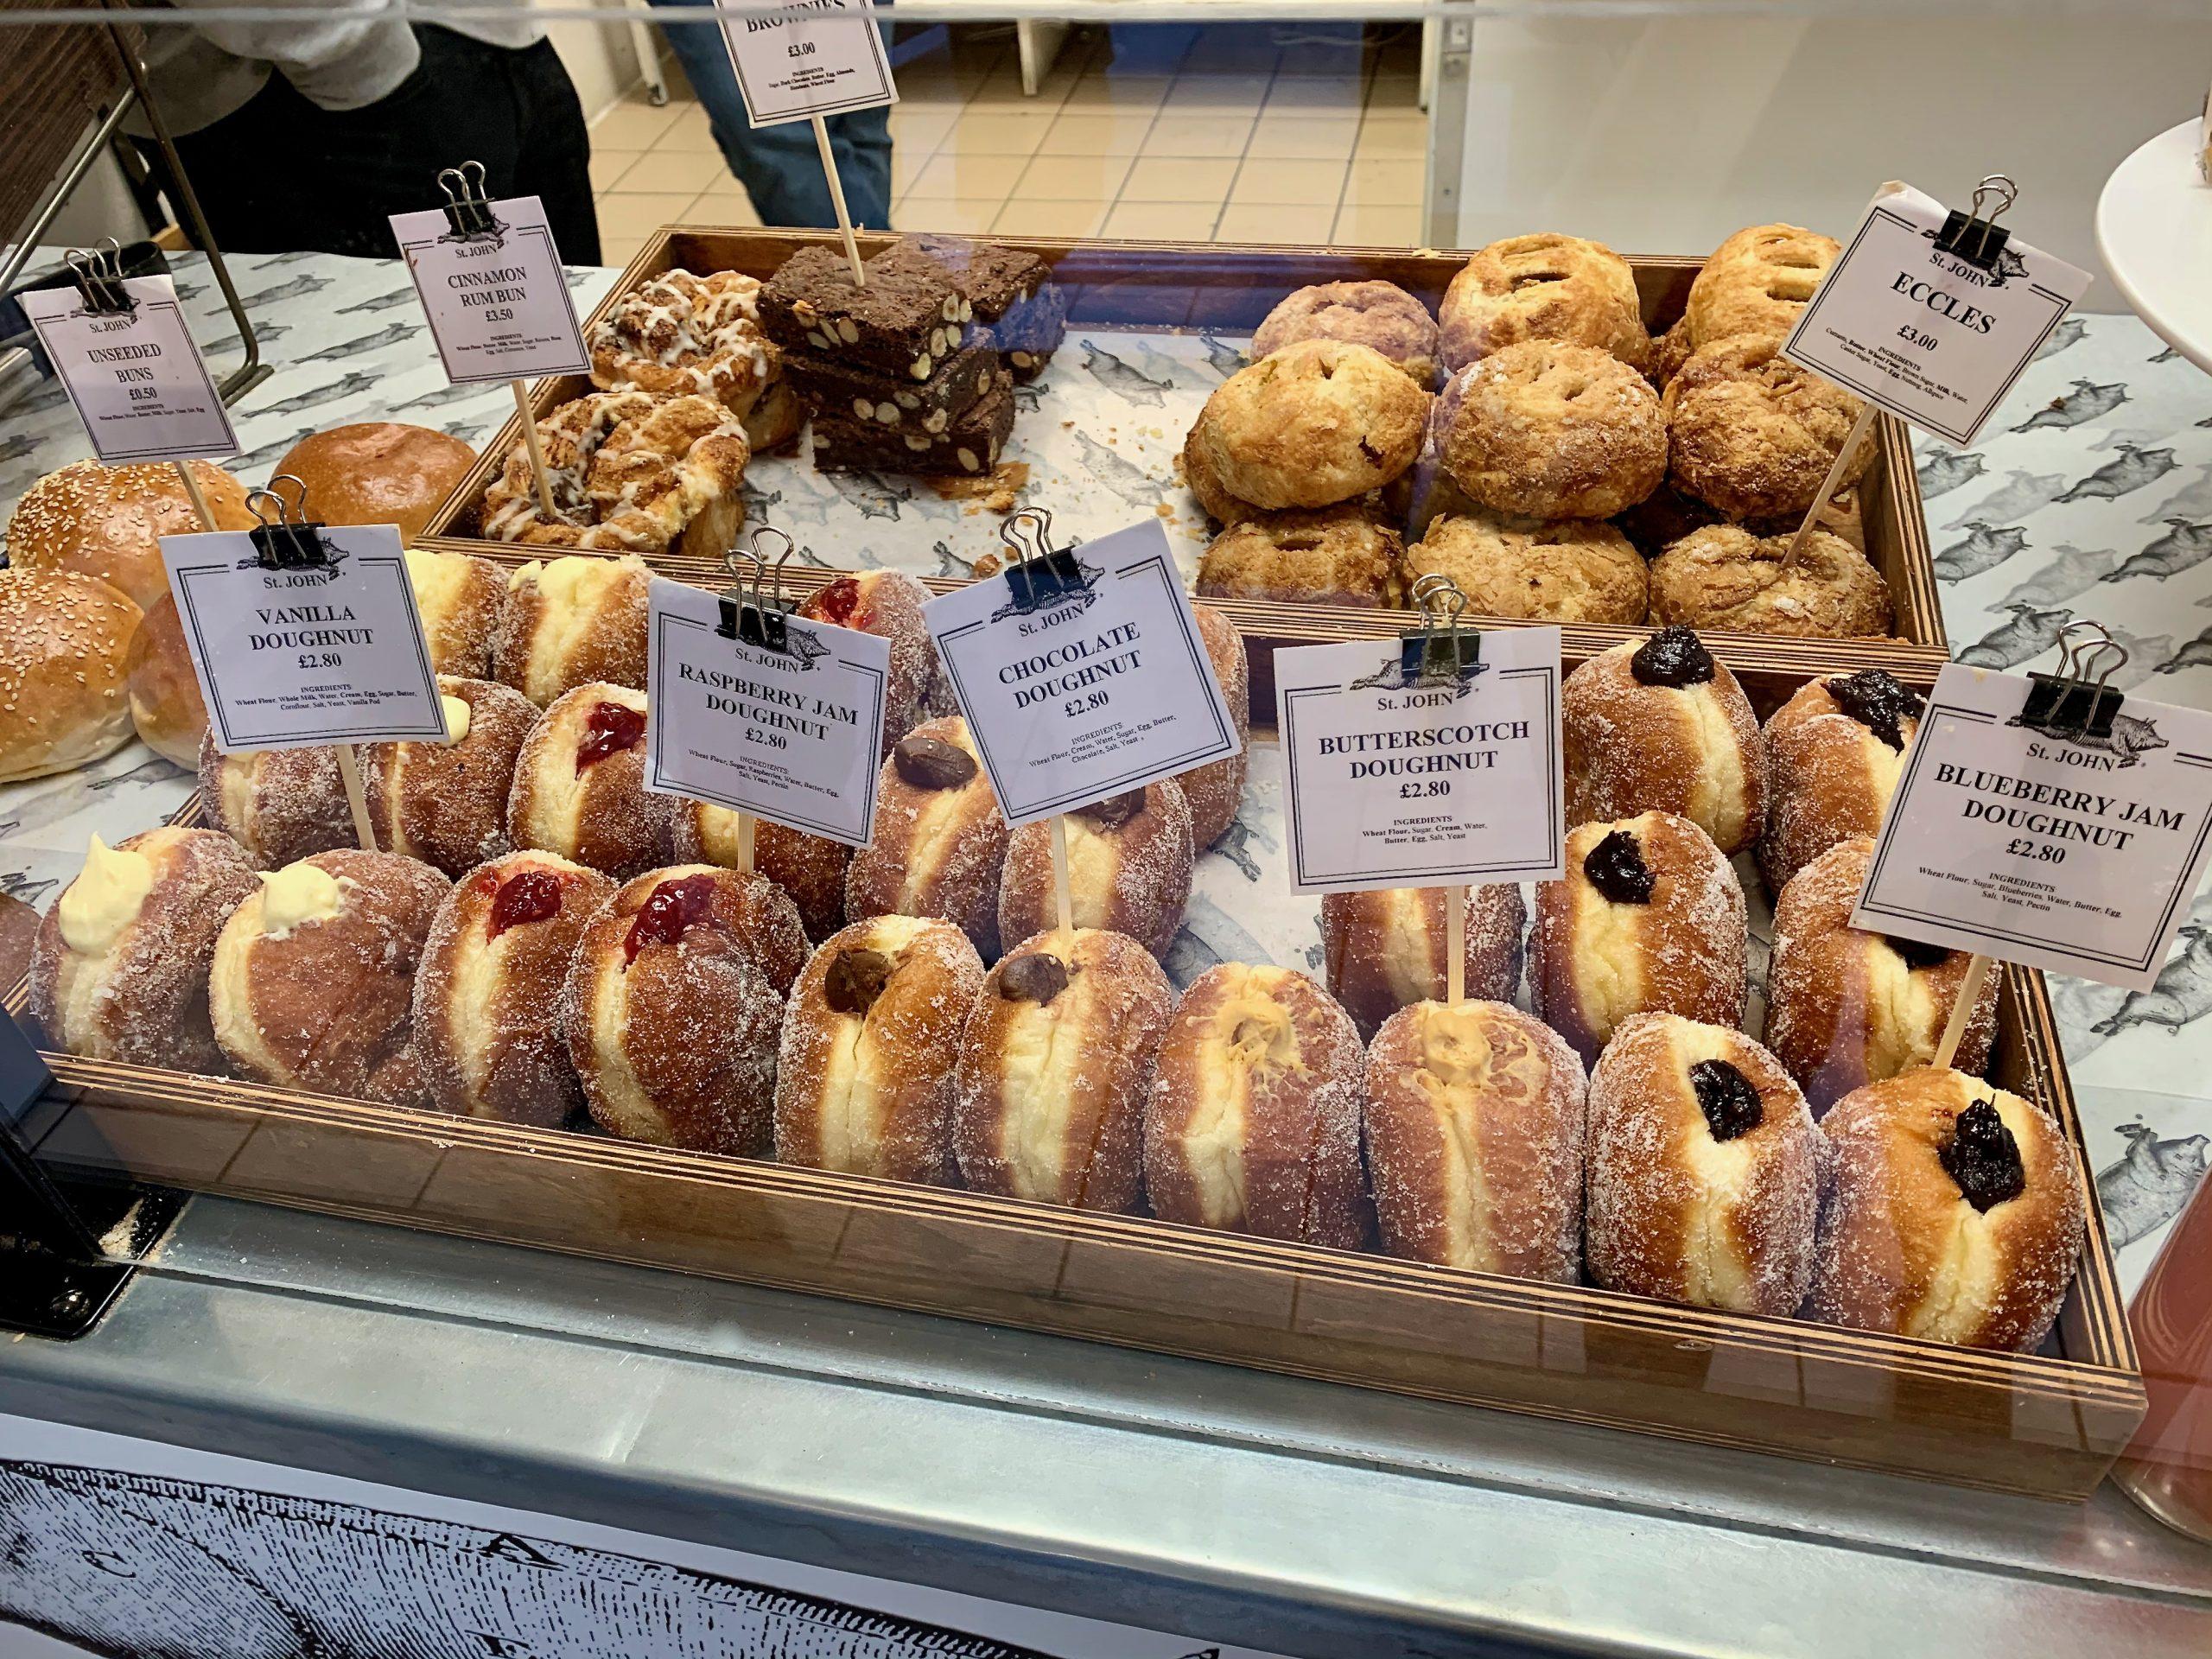 St John's Bakery Covent Garden